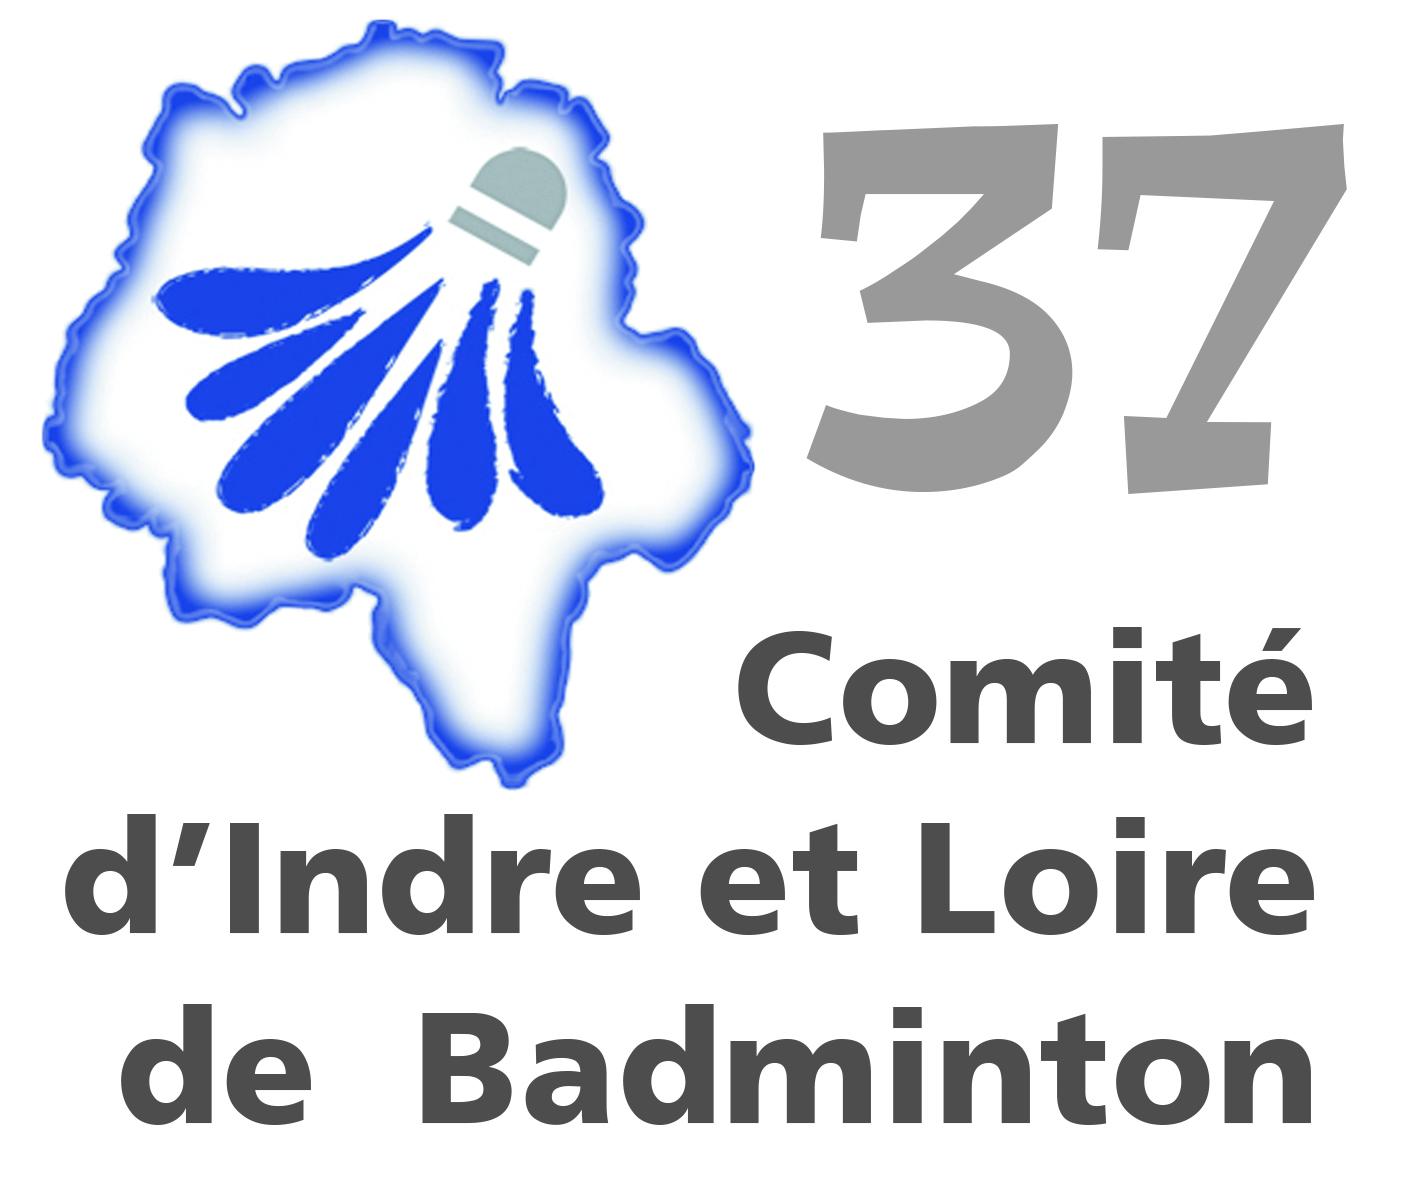 logo comité départemental badminton de l'Indre et Loire (37)